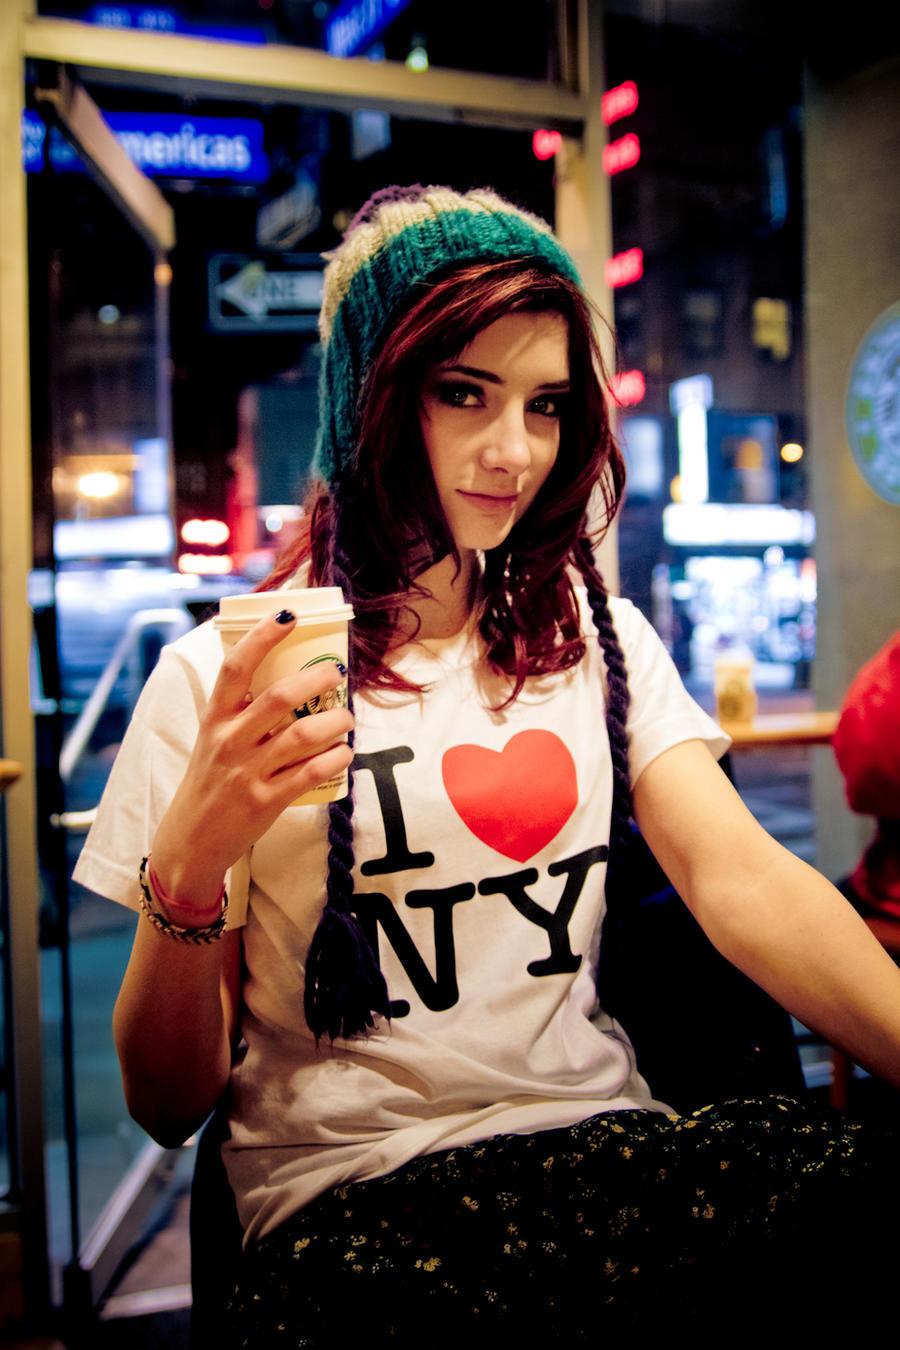 I heart NY by SusanCoffey